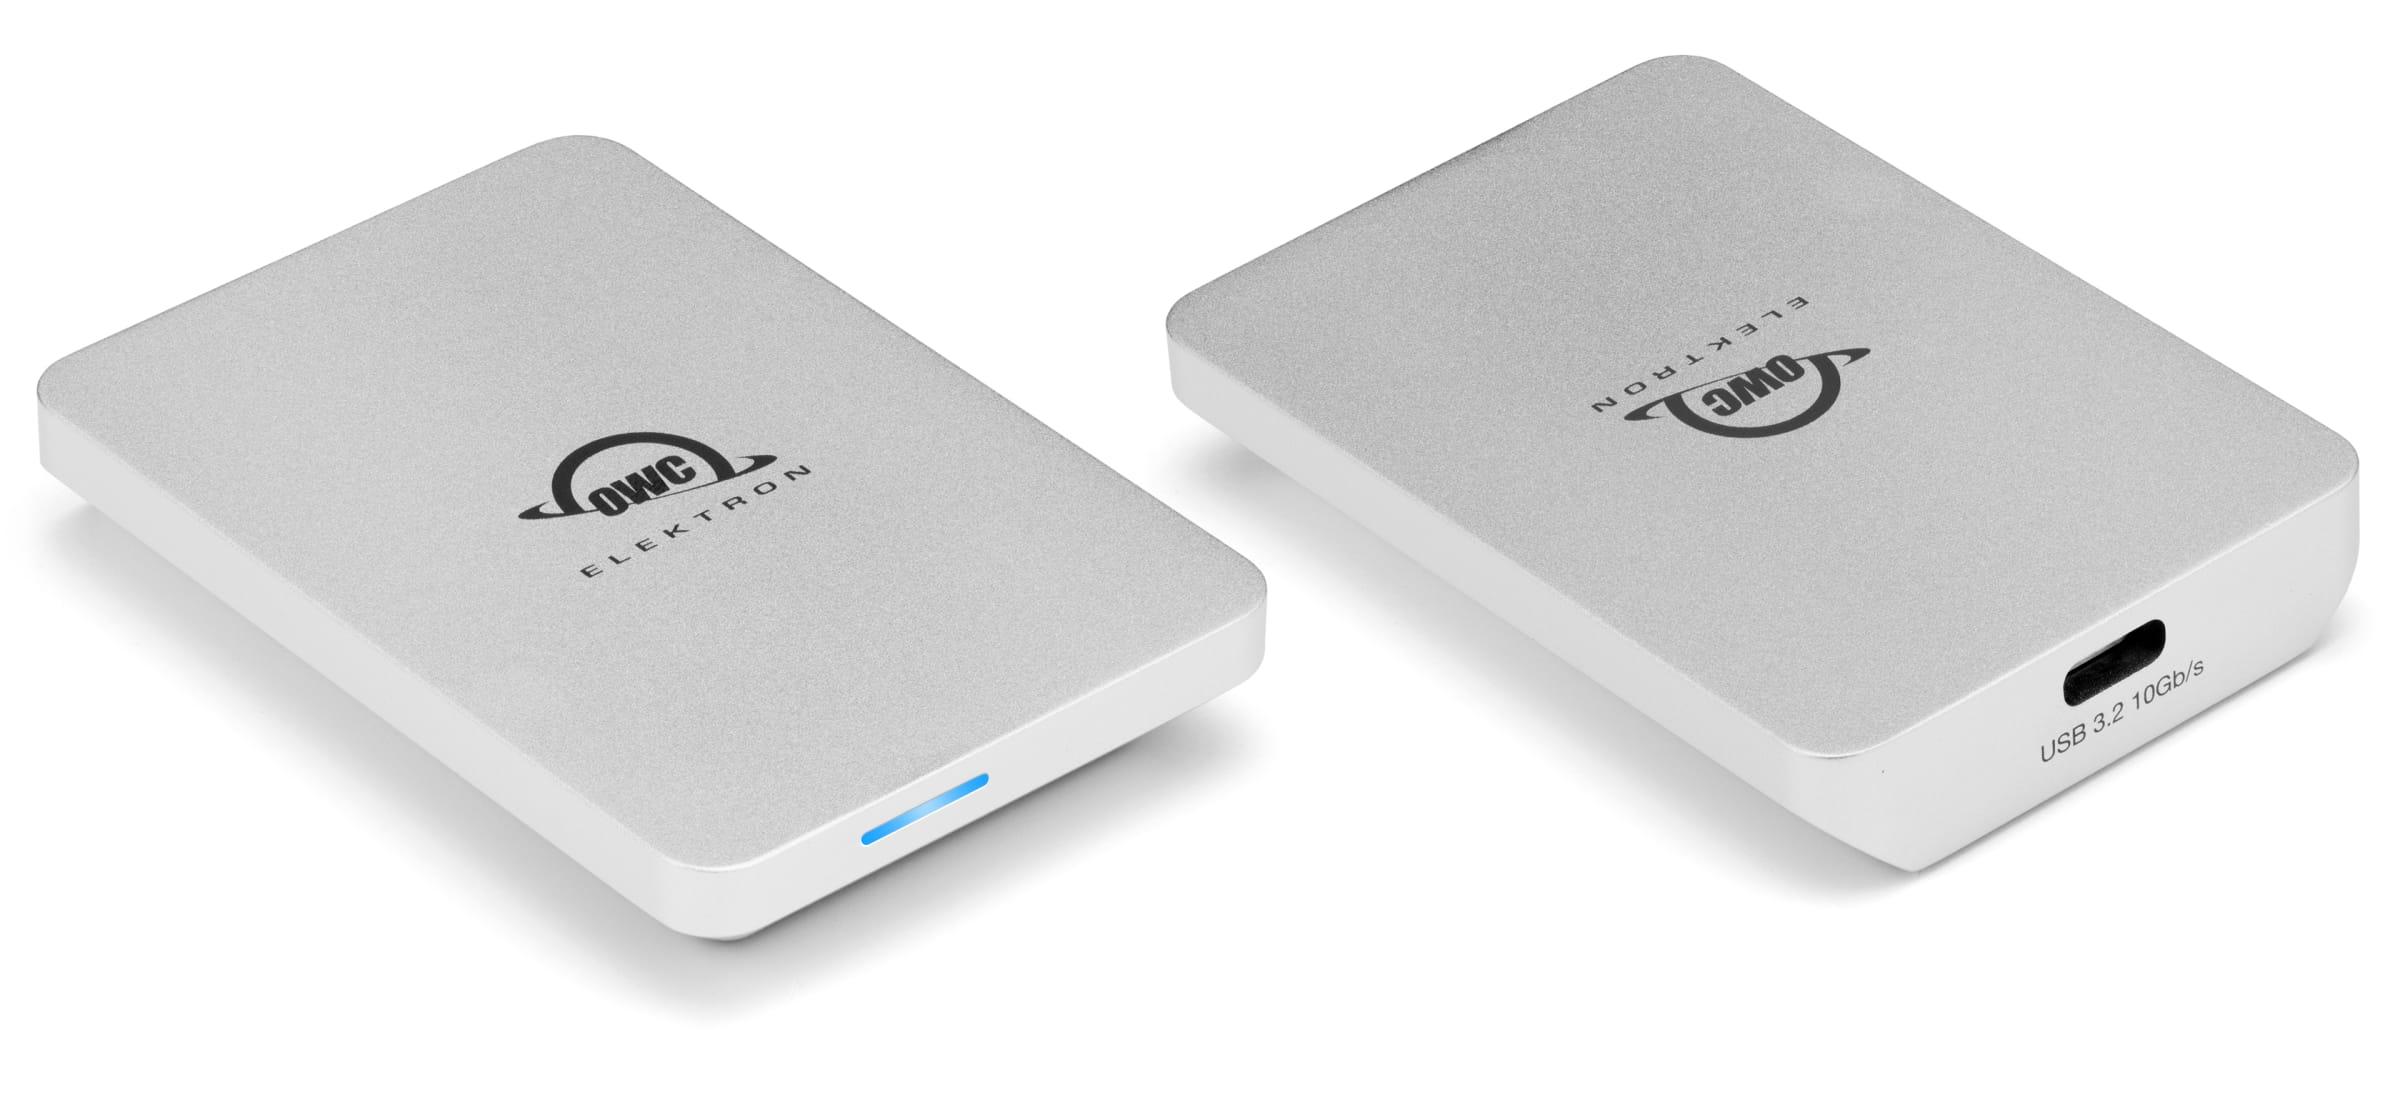 Envoy Pro Elektron è una nuova unità SSD esterna di OWC